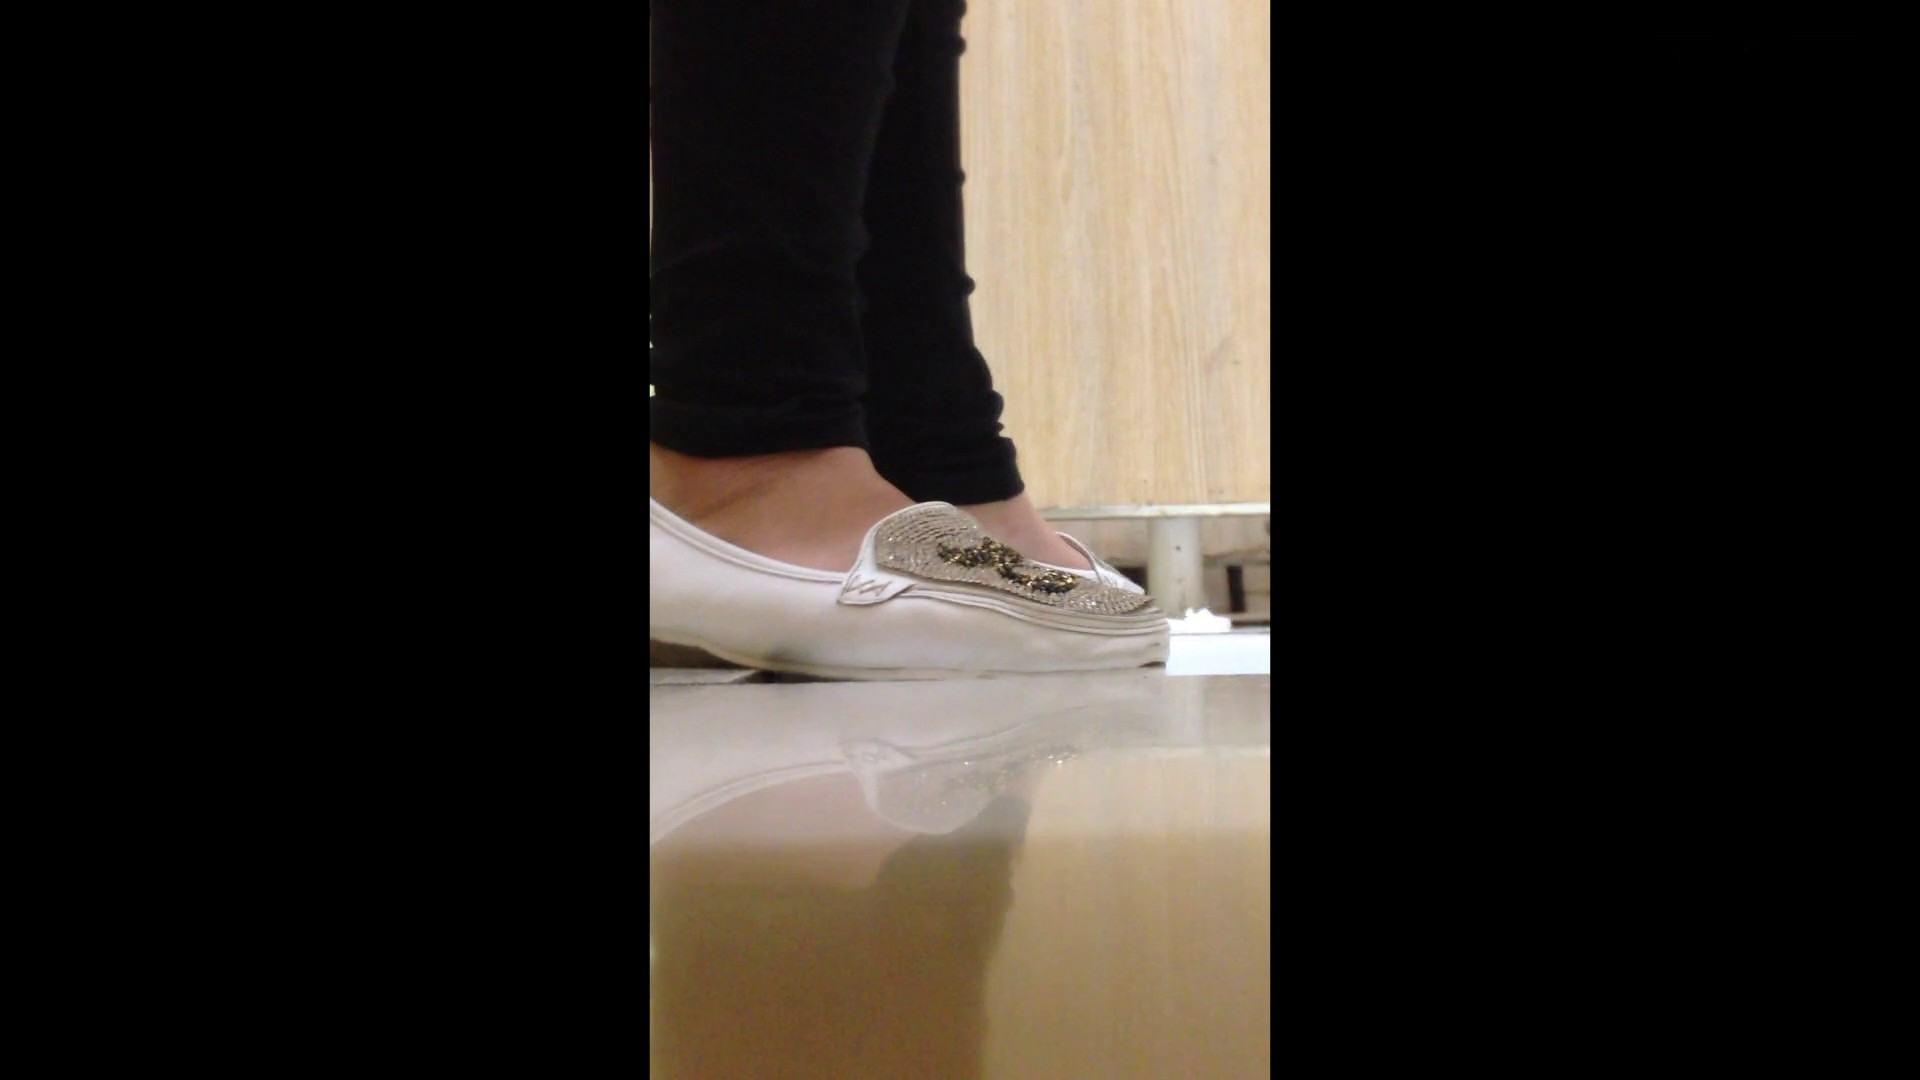 芸術大学ガチ潜入盗撮 JD盗撮 美女の洗面所の秘密 Vol.87 潜入   トイレ盗撮  61pic 49